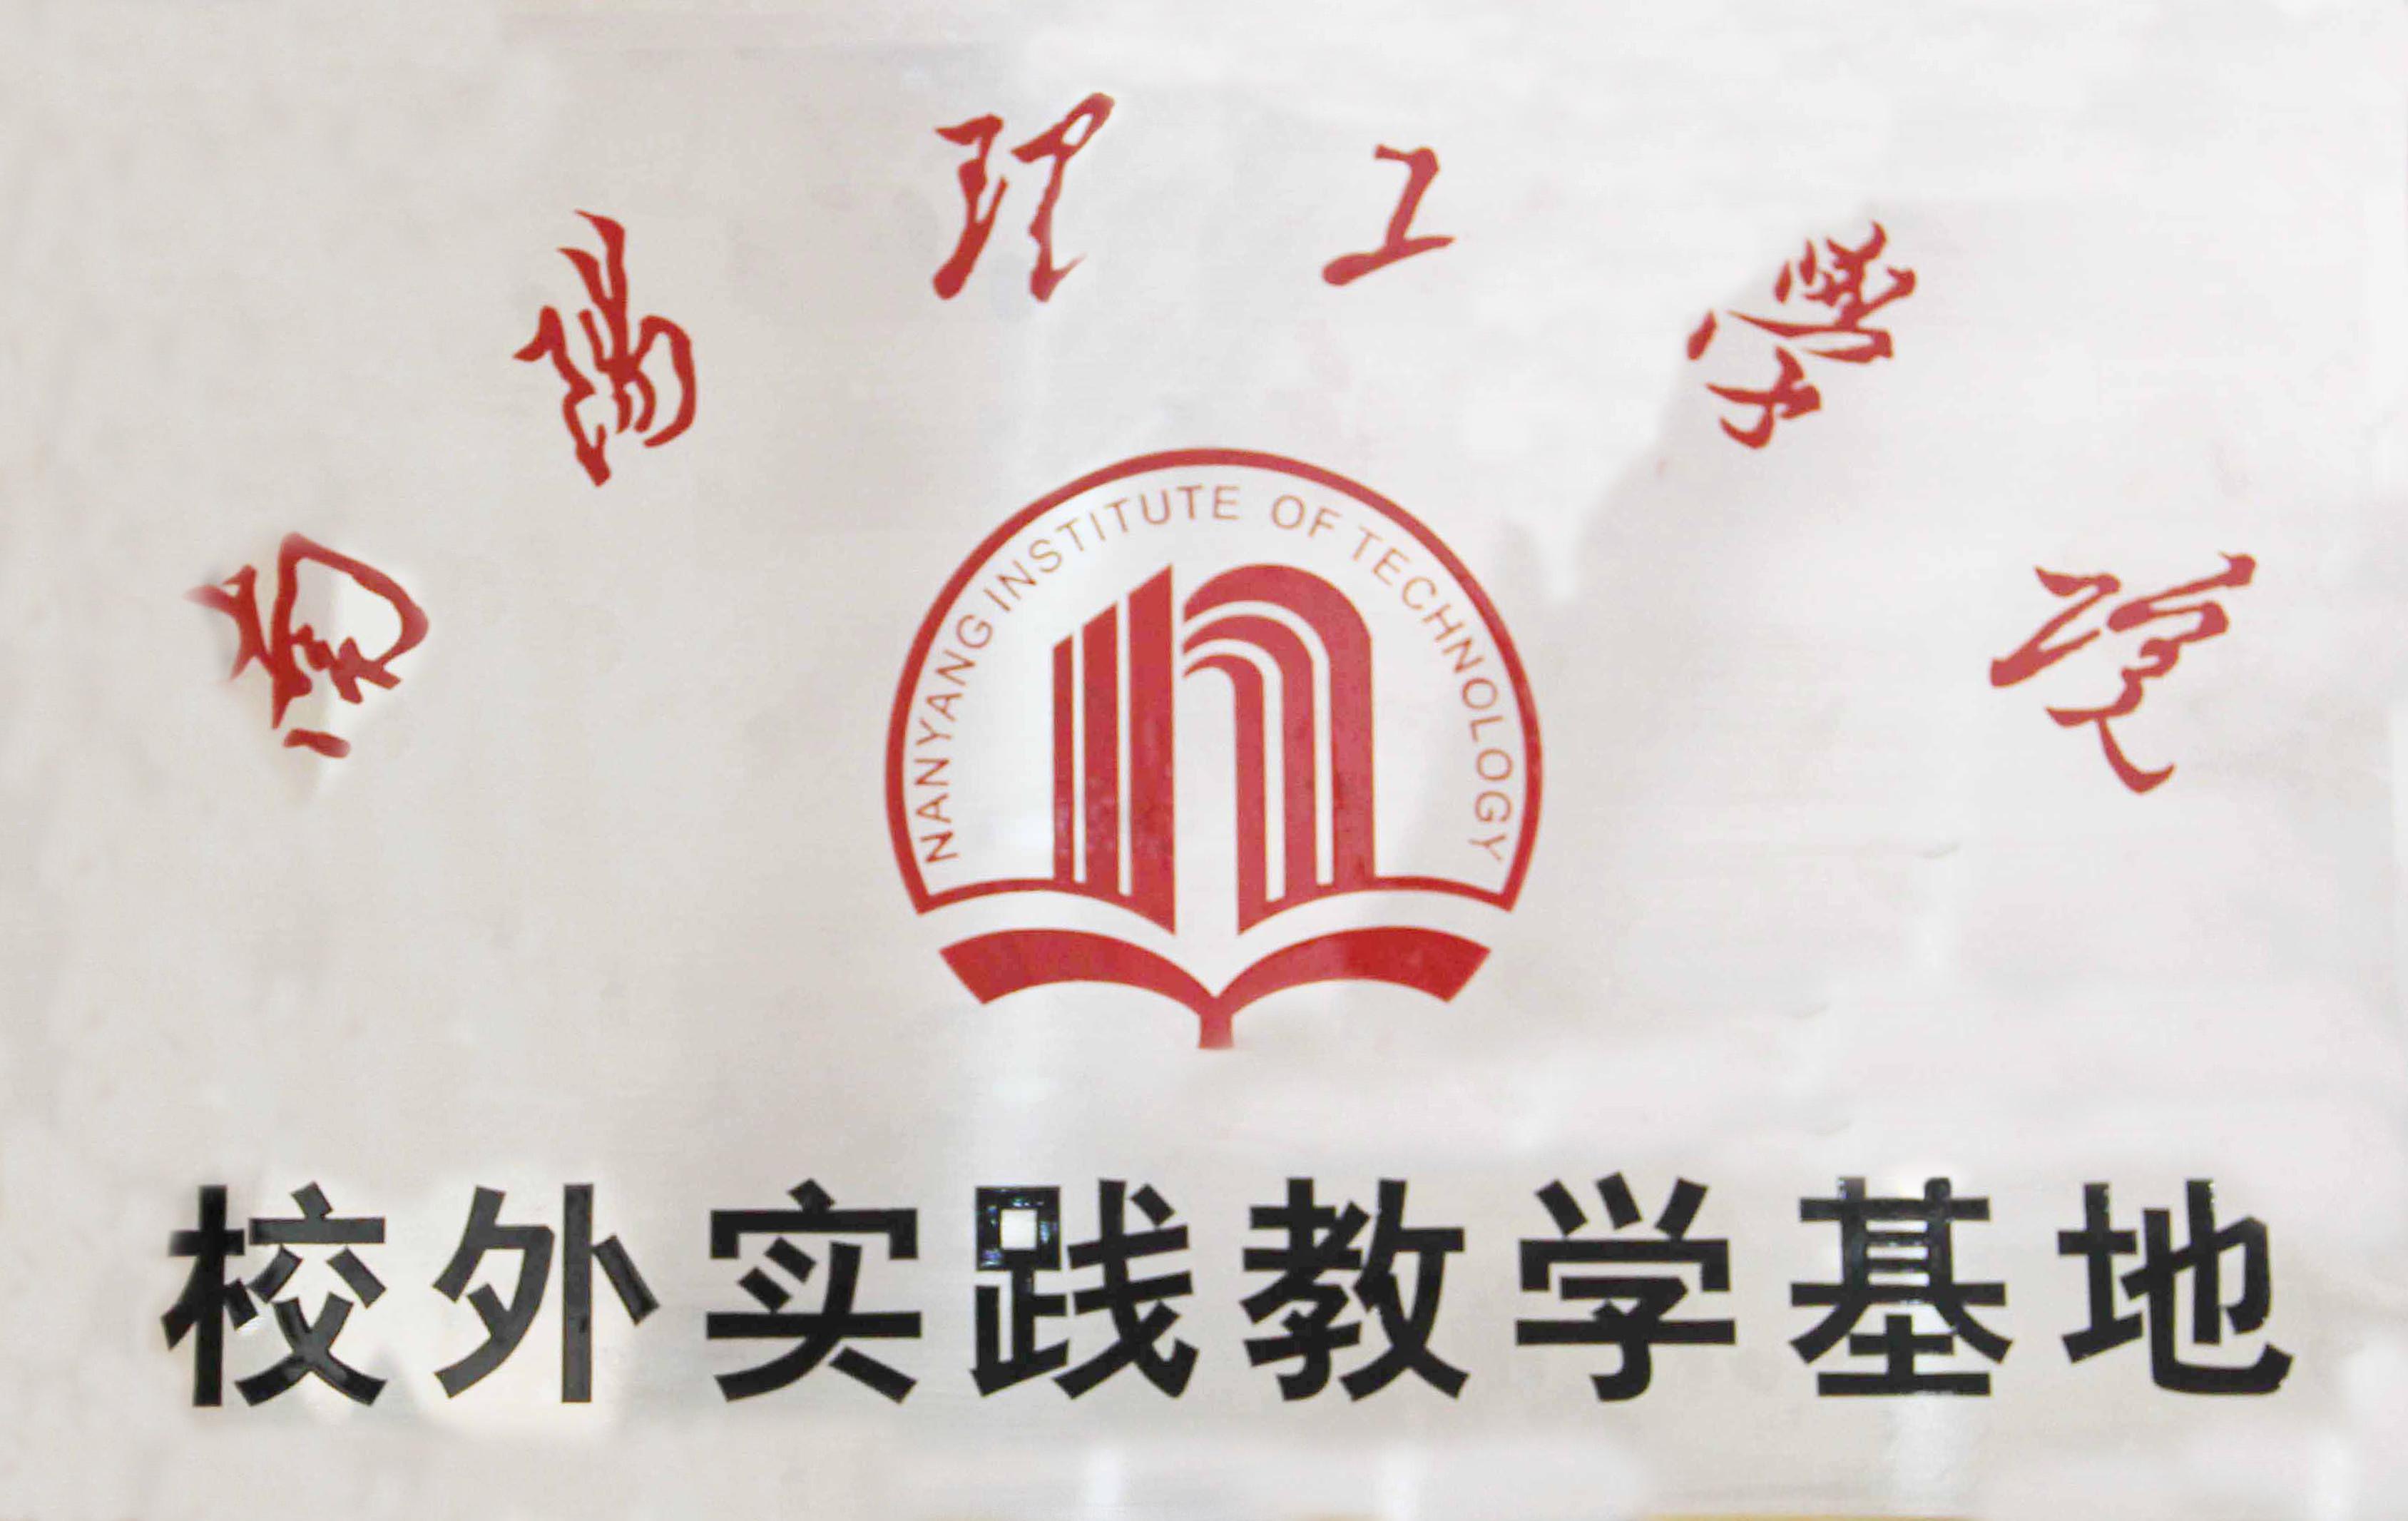 2014年成立南阳理工学院校外实验教学基地